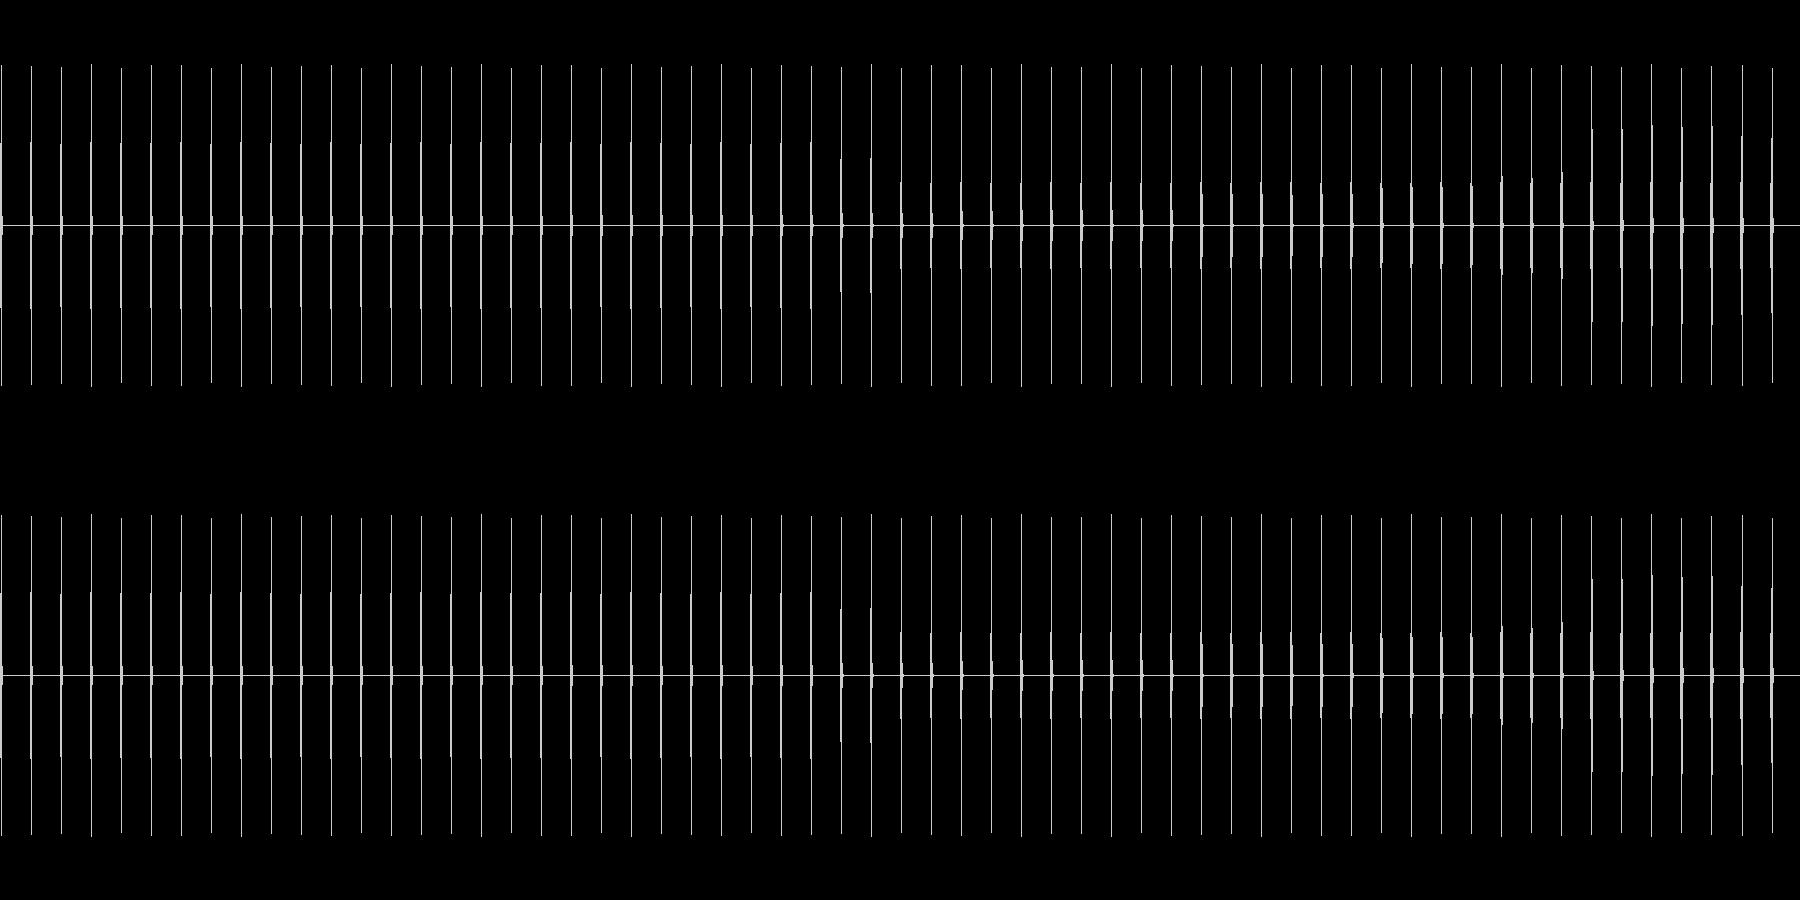 時計の針の音BPM80(速め)の未再生の波形